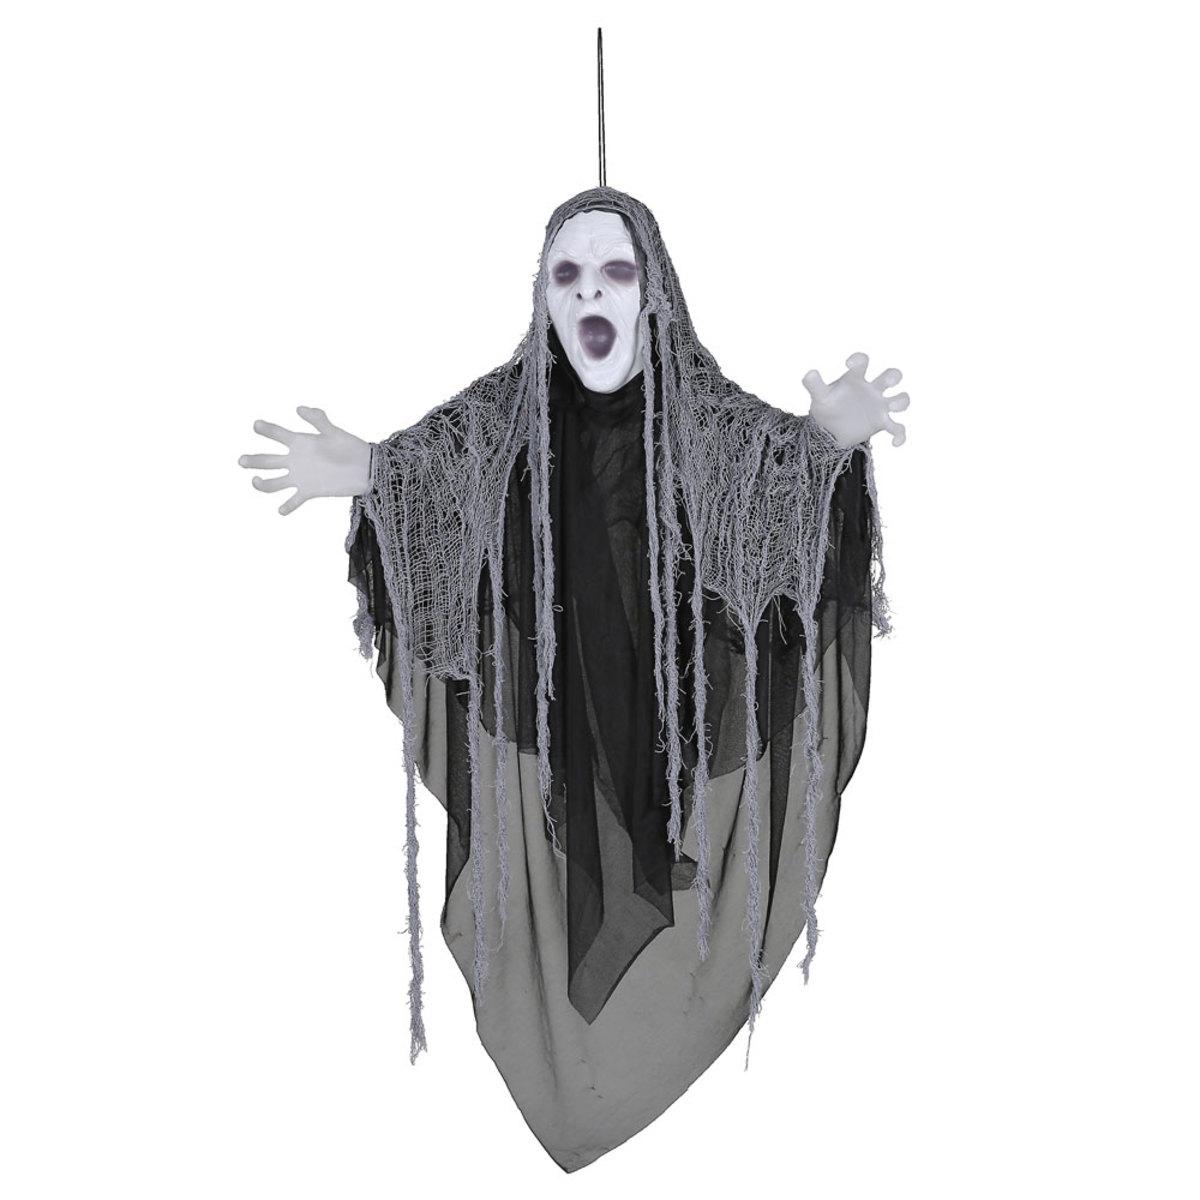 Bild 3 von Halloween Figur Gewitter-Gespenst animiert